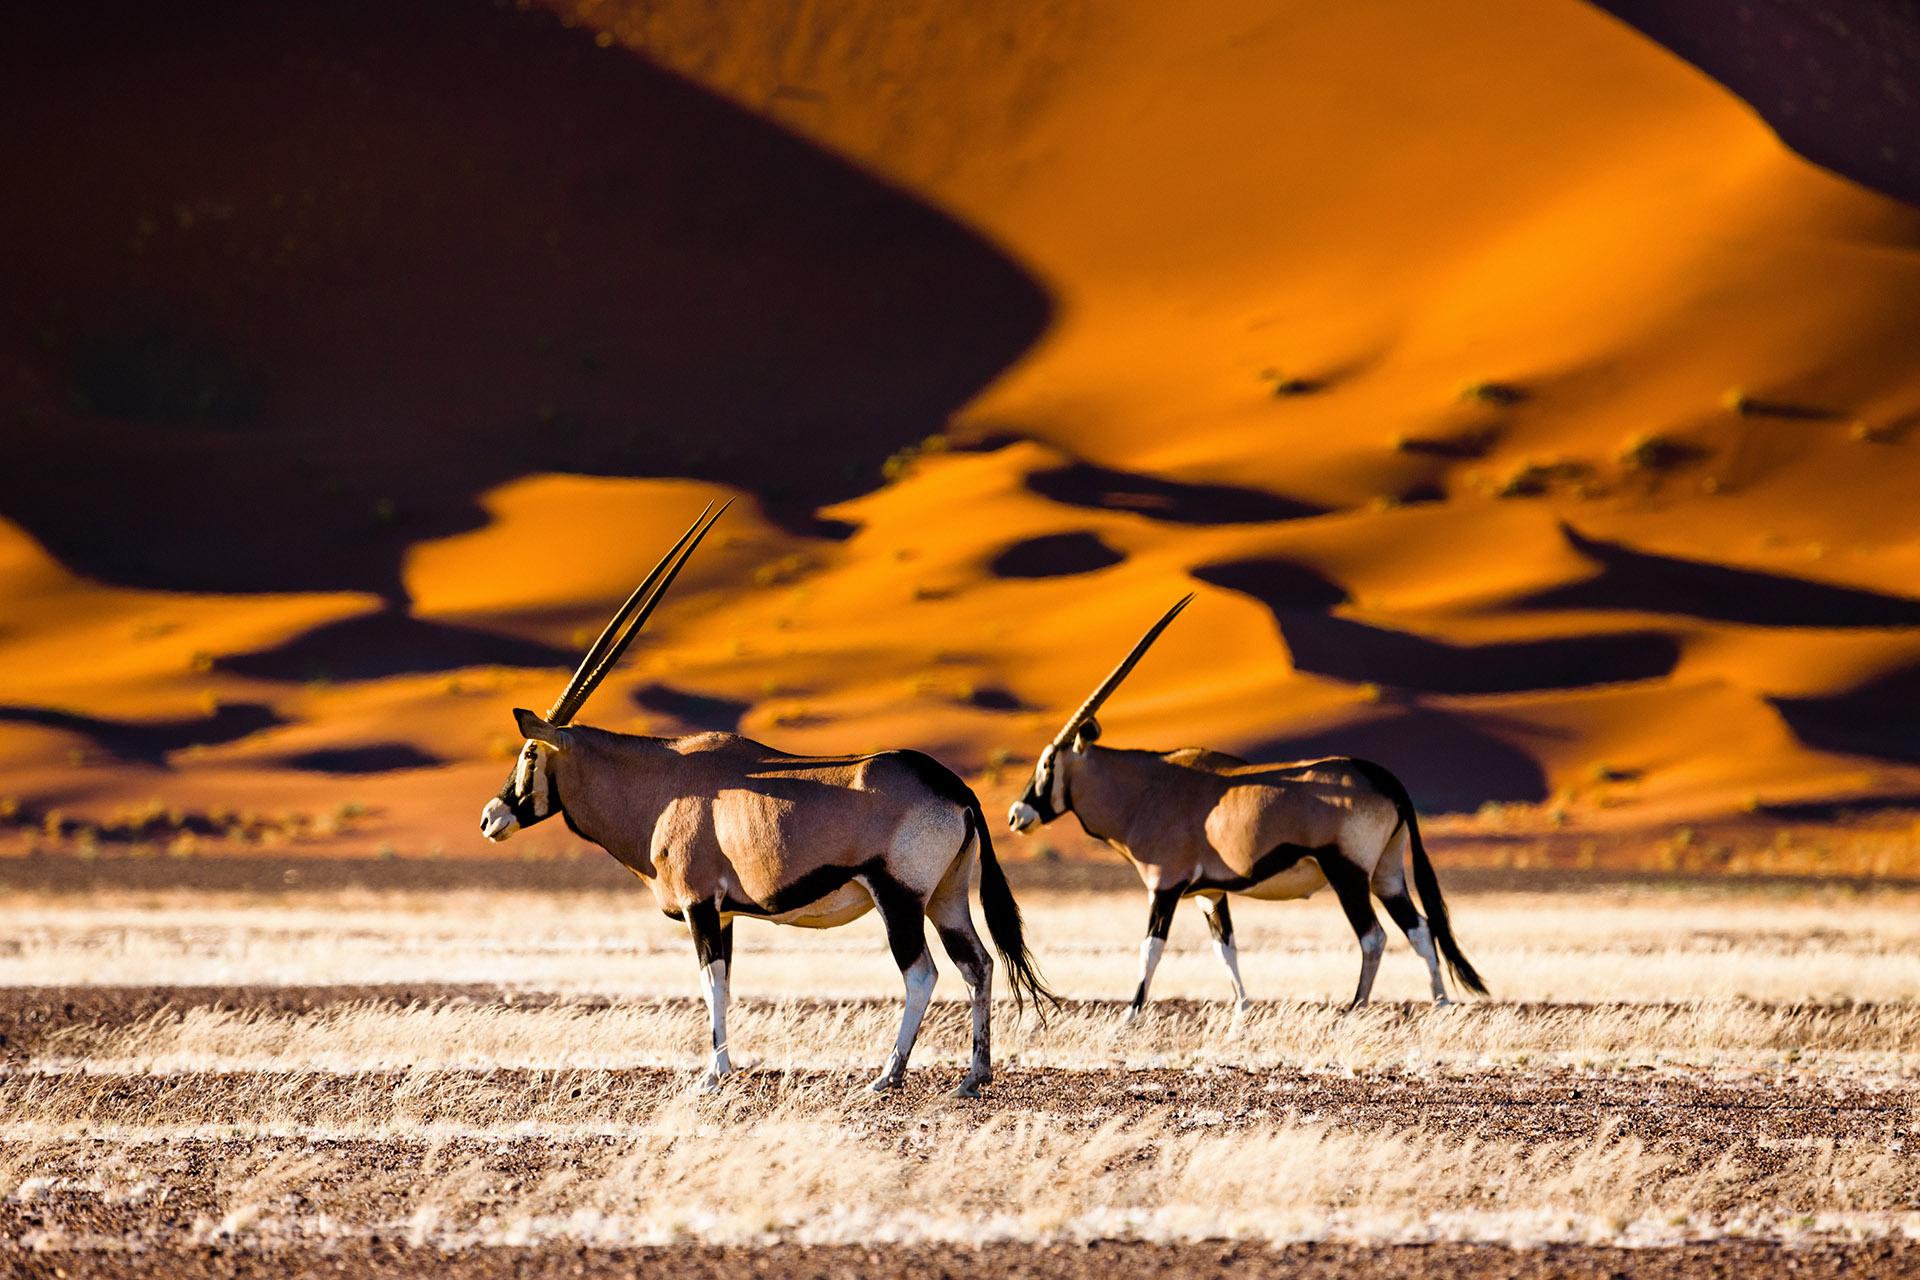 Pocos países en África pueden igualar la belleza natural de Namibia. El nombre del país deriva de su desierto más antiguo (y el del mundo), el Namib, y hay pocos reinos desérticos más emocionantes en el planeta